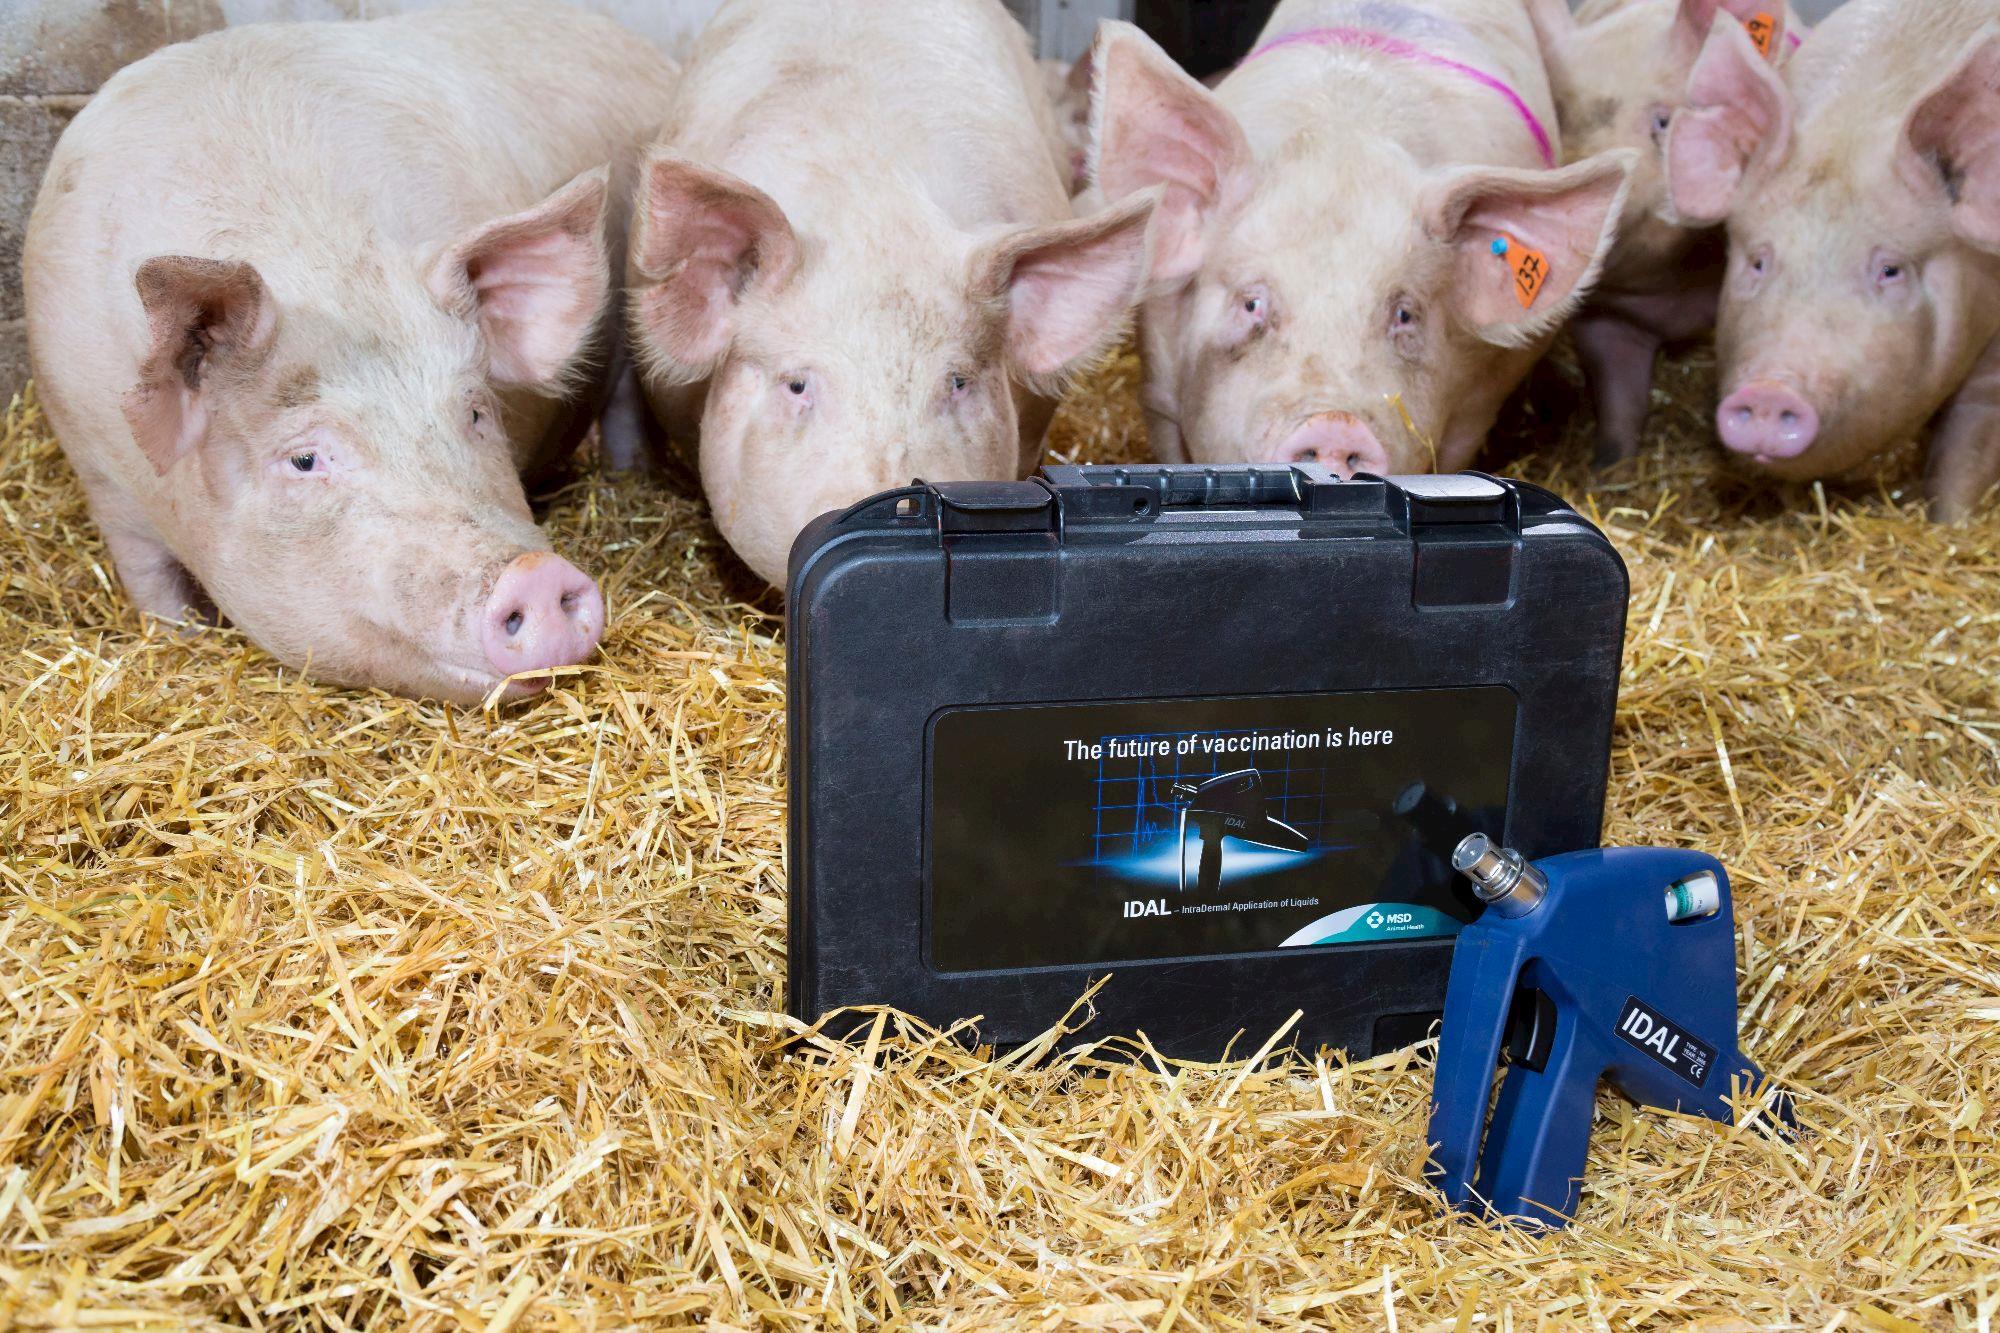 Vacinação intradérmica sem agulha para suínos chega ao Brasil , Vacinação intradérmica sem agulha para suínos chega ao Brasil